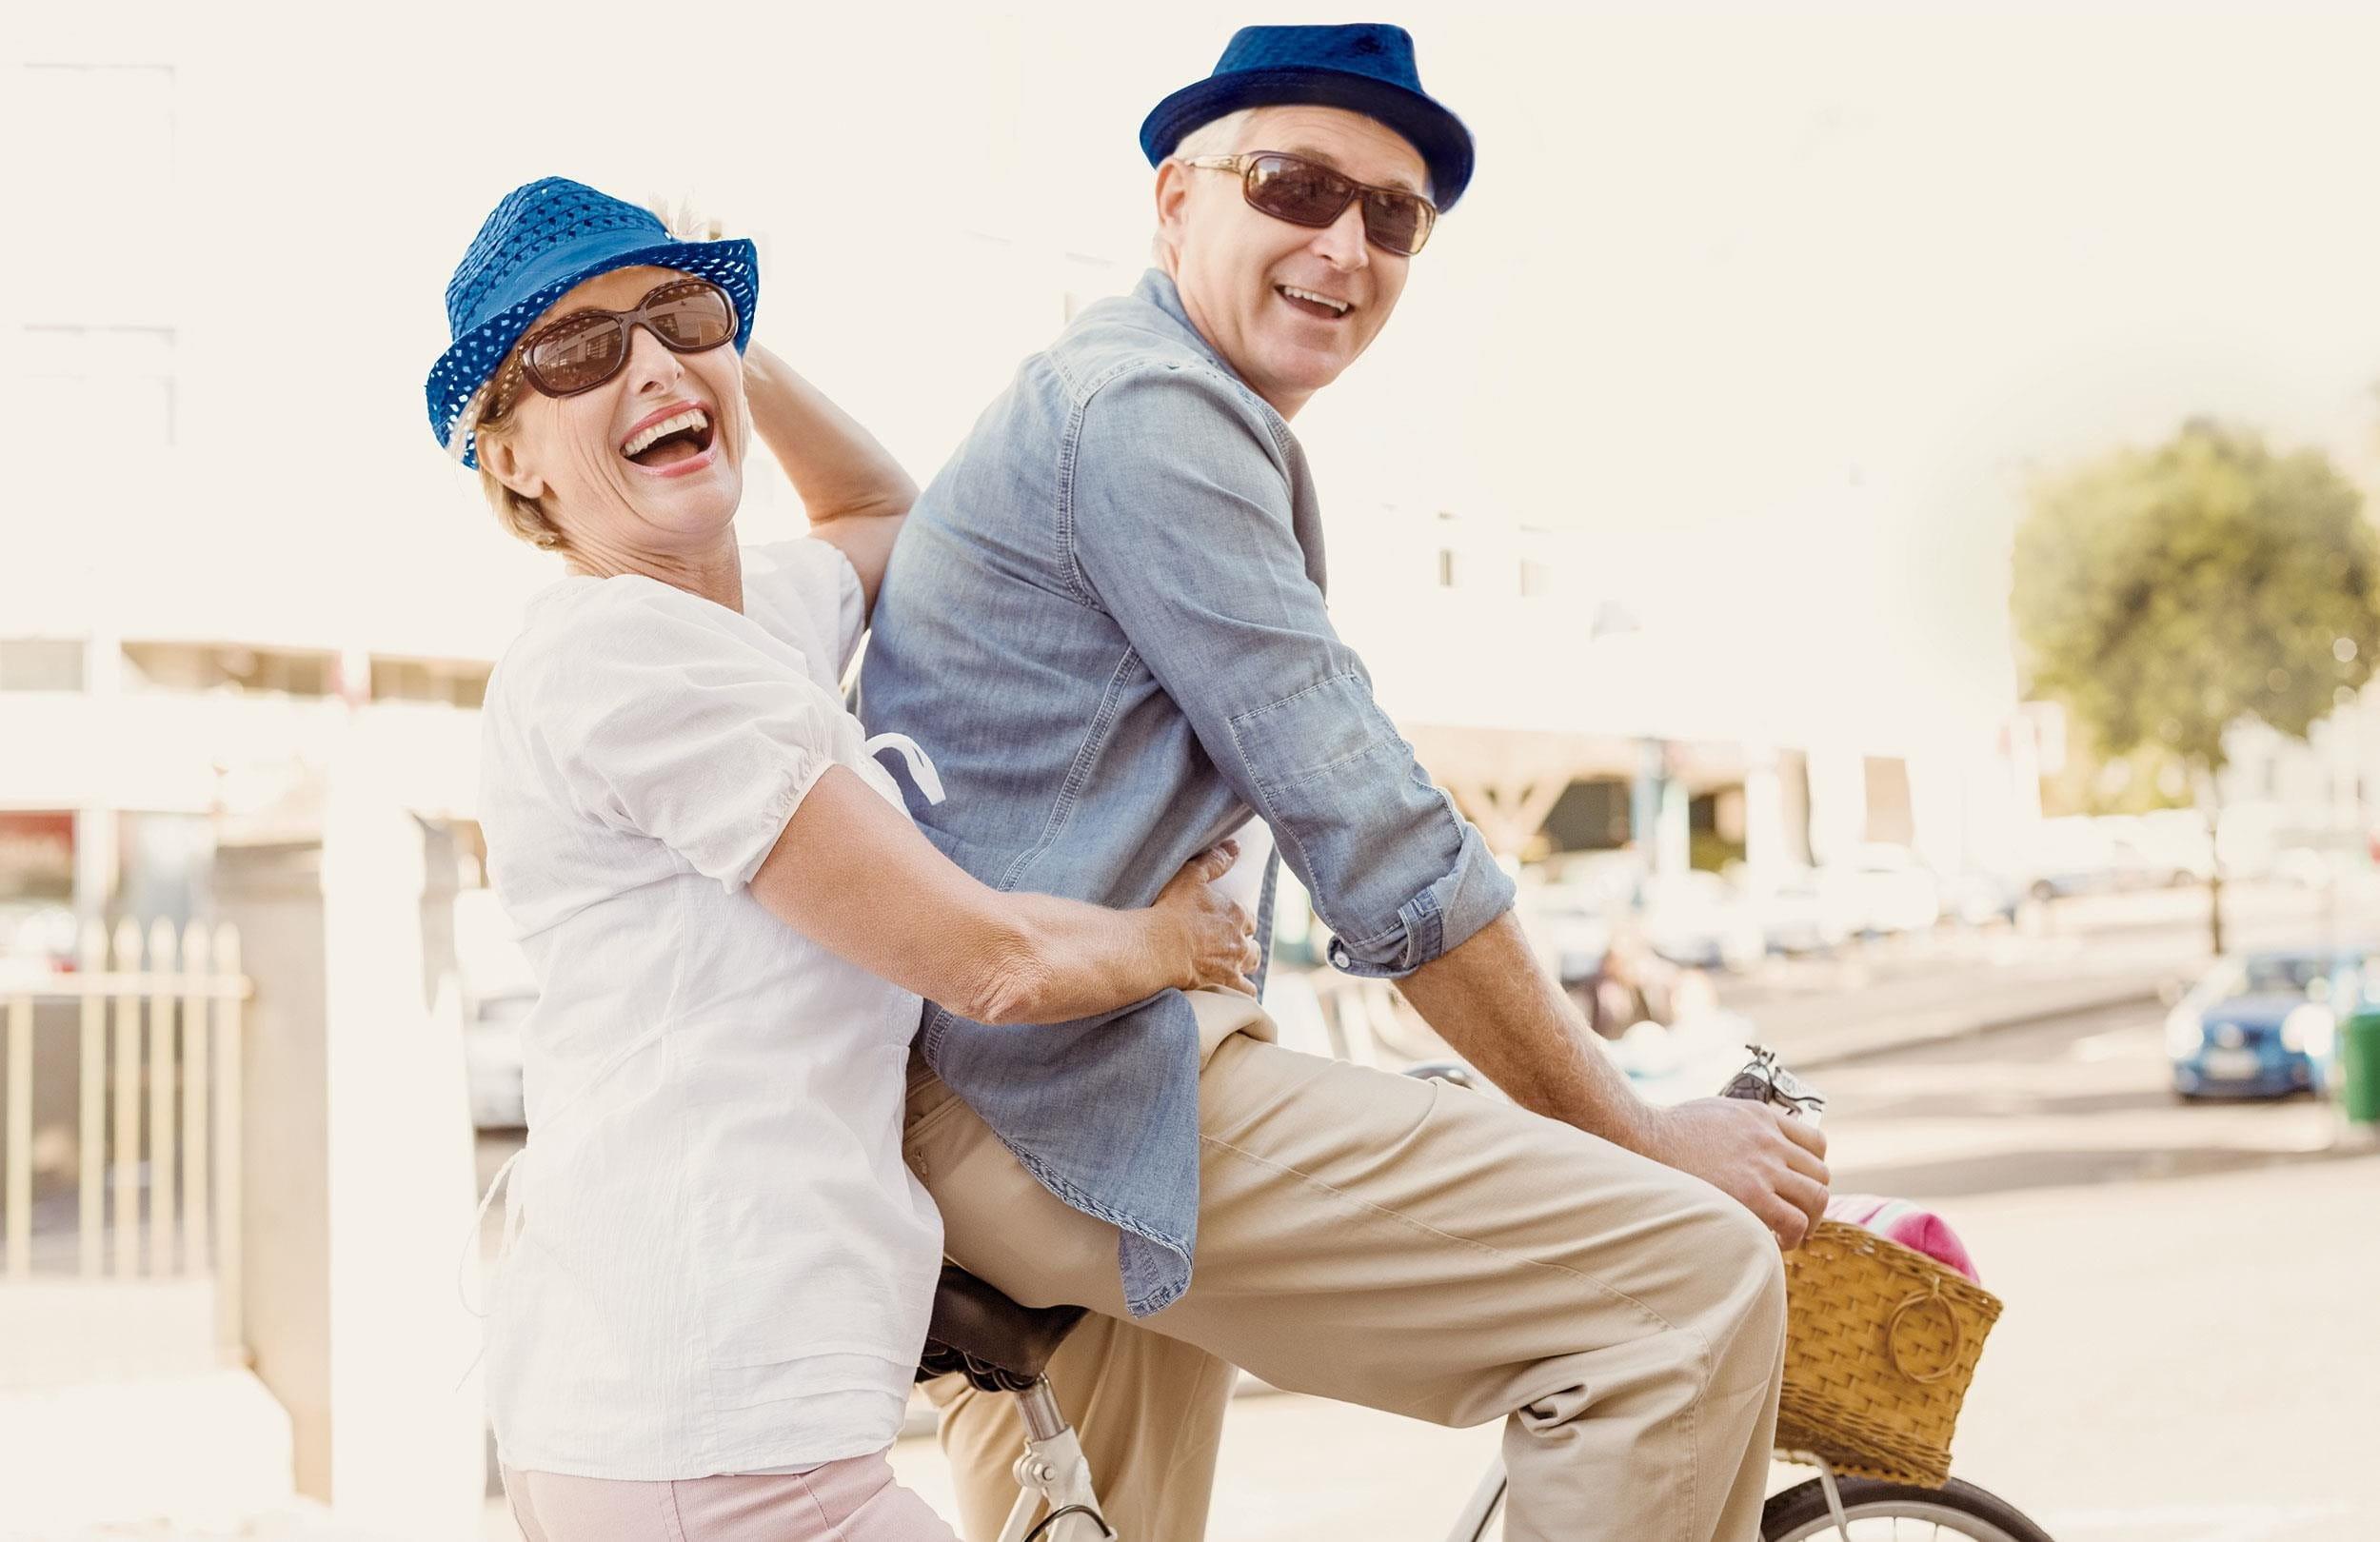 Fröhliches Paar auf einem Fahrrad